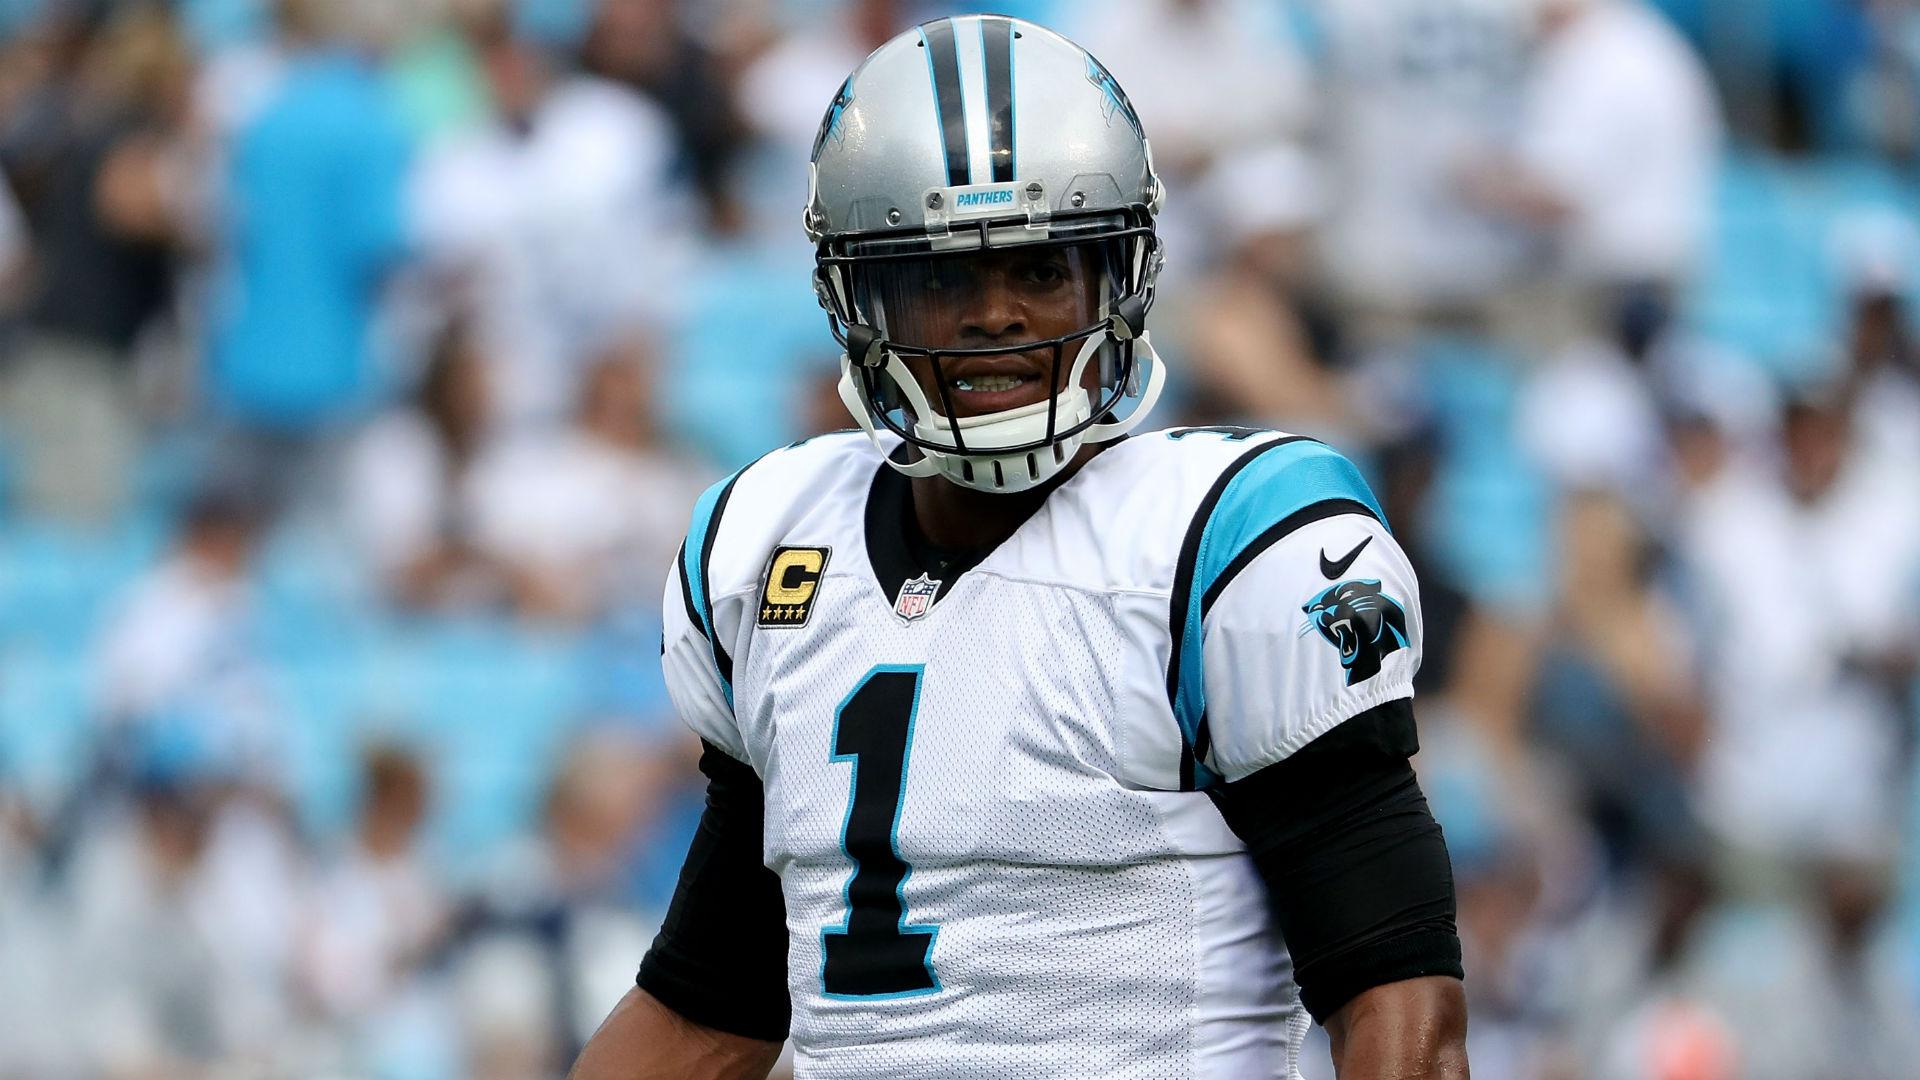 ¿Por qué los Panthers están cortando a Cam Newton? 3 razones por las cuales el movimiento QB de Carolina se hizo inevitable 34